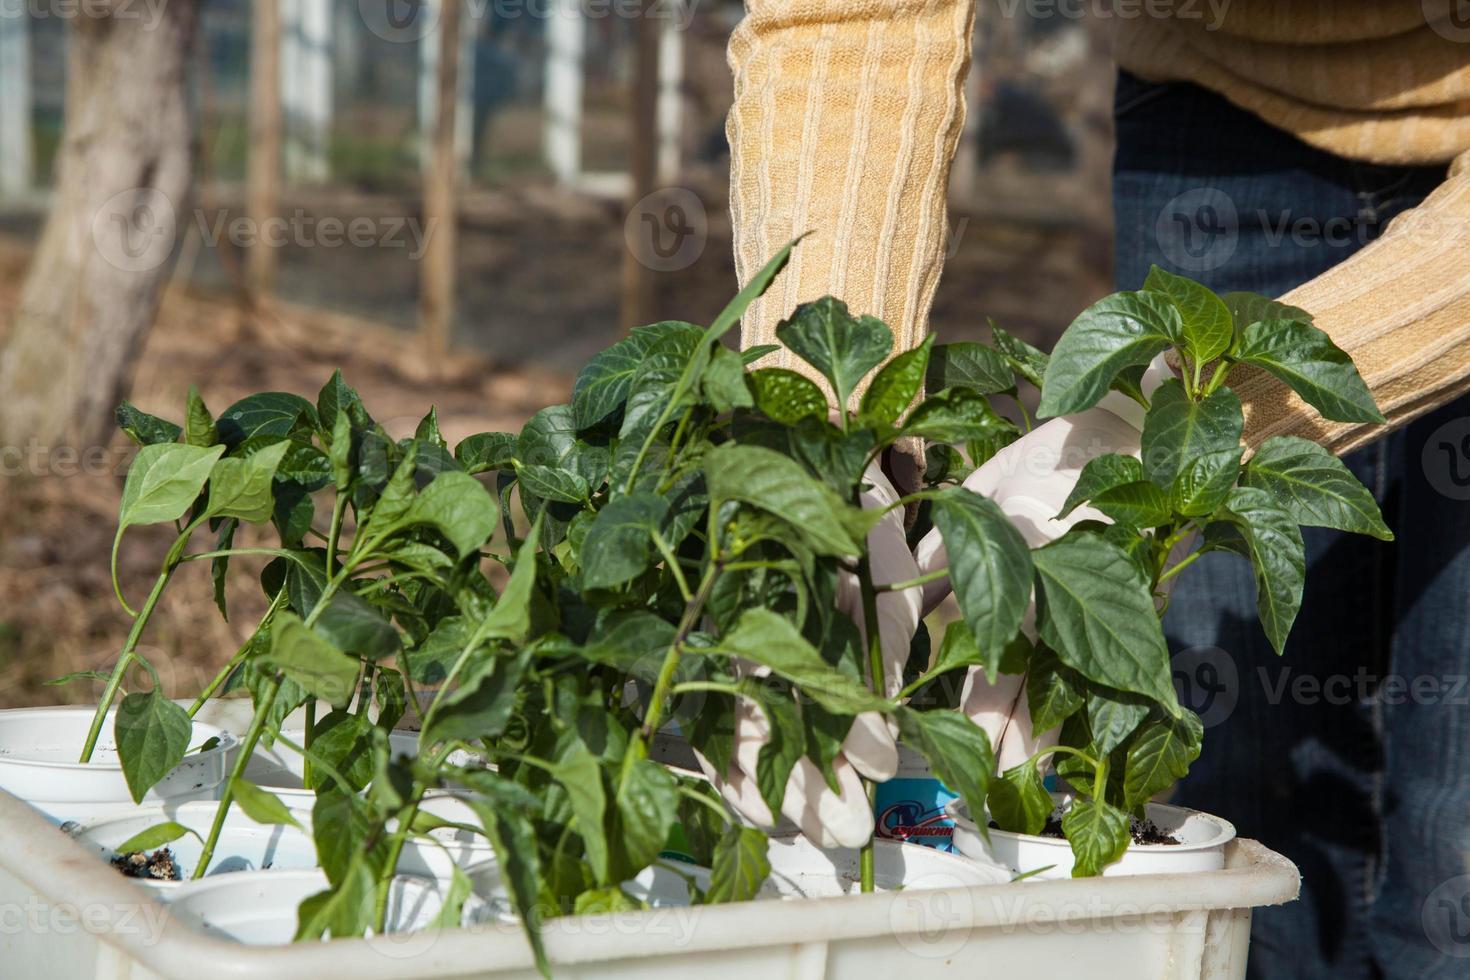 trädgårdsskötsel, plantering koncept foto